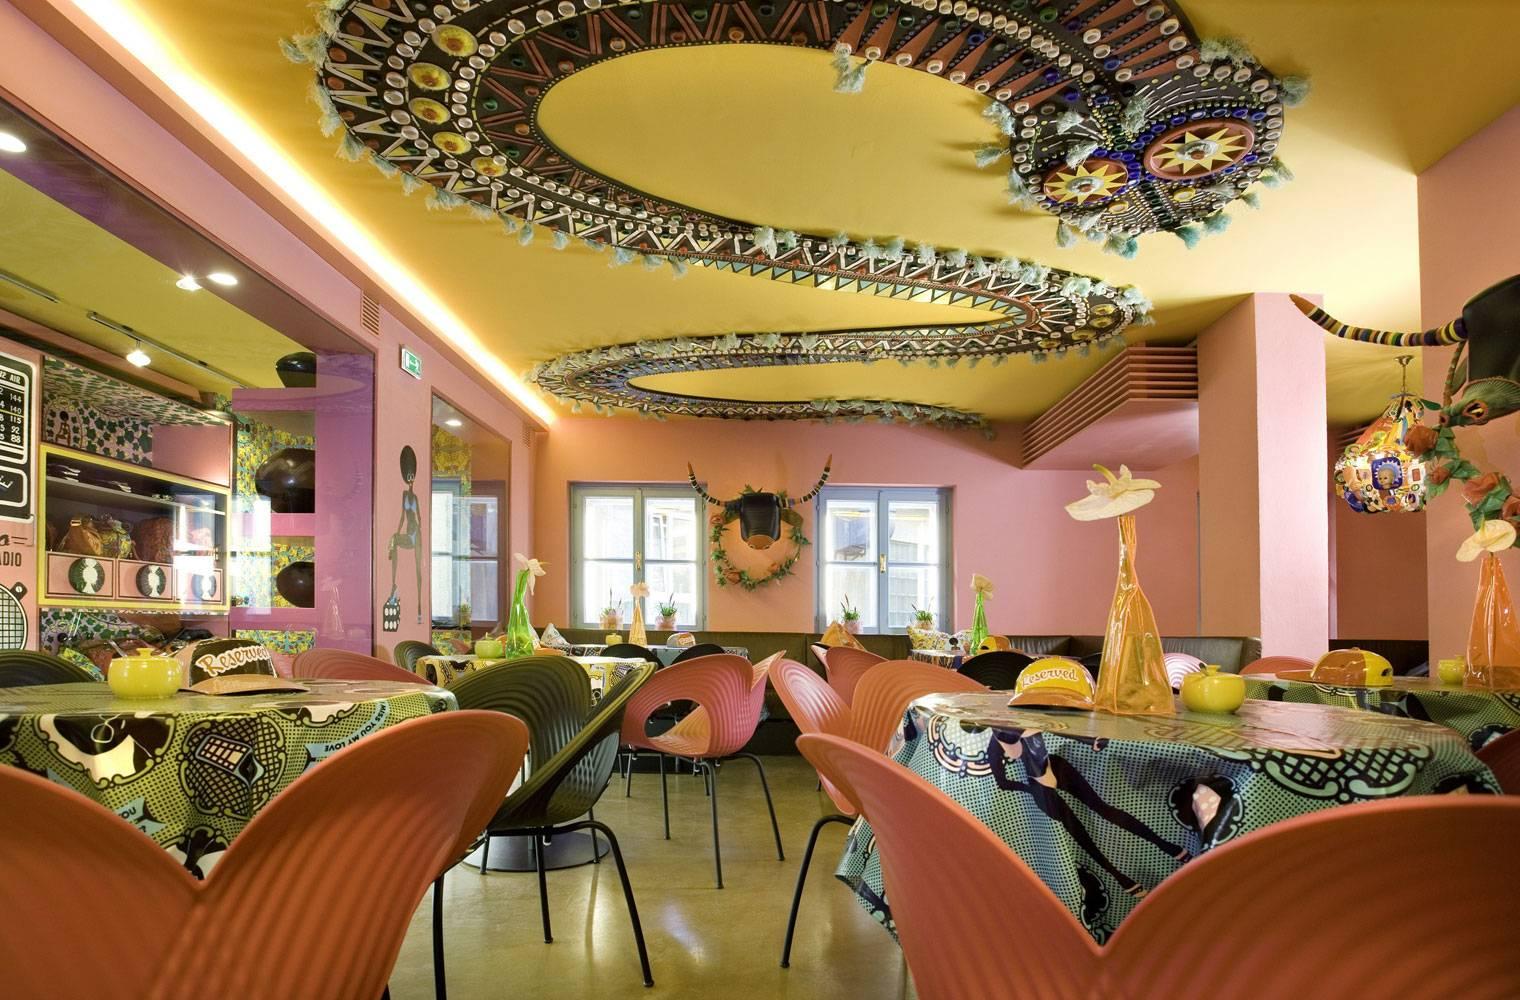 Afro Cafe, Saltzburg - Restaurant